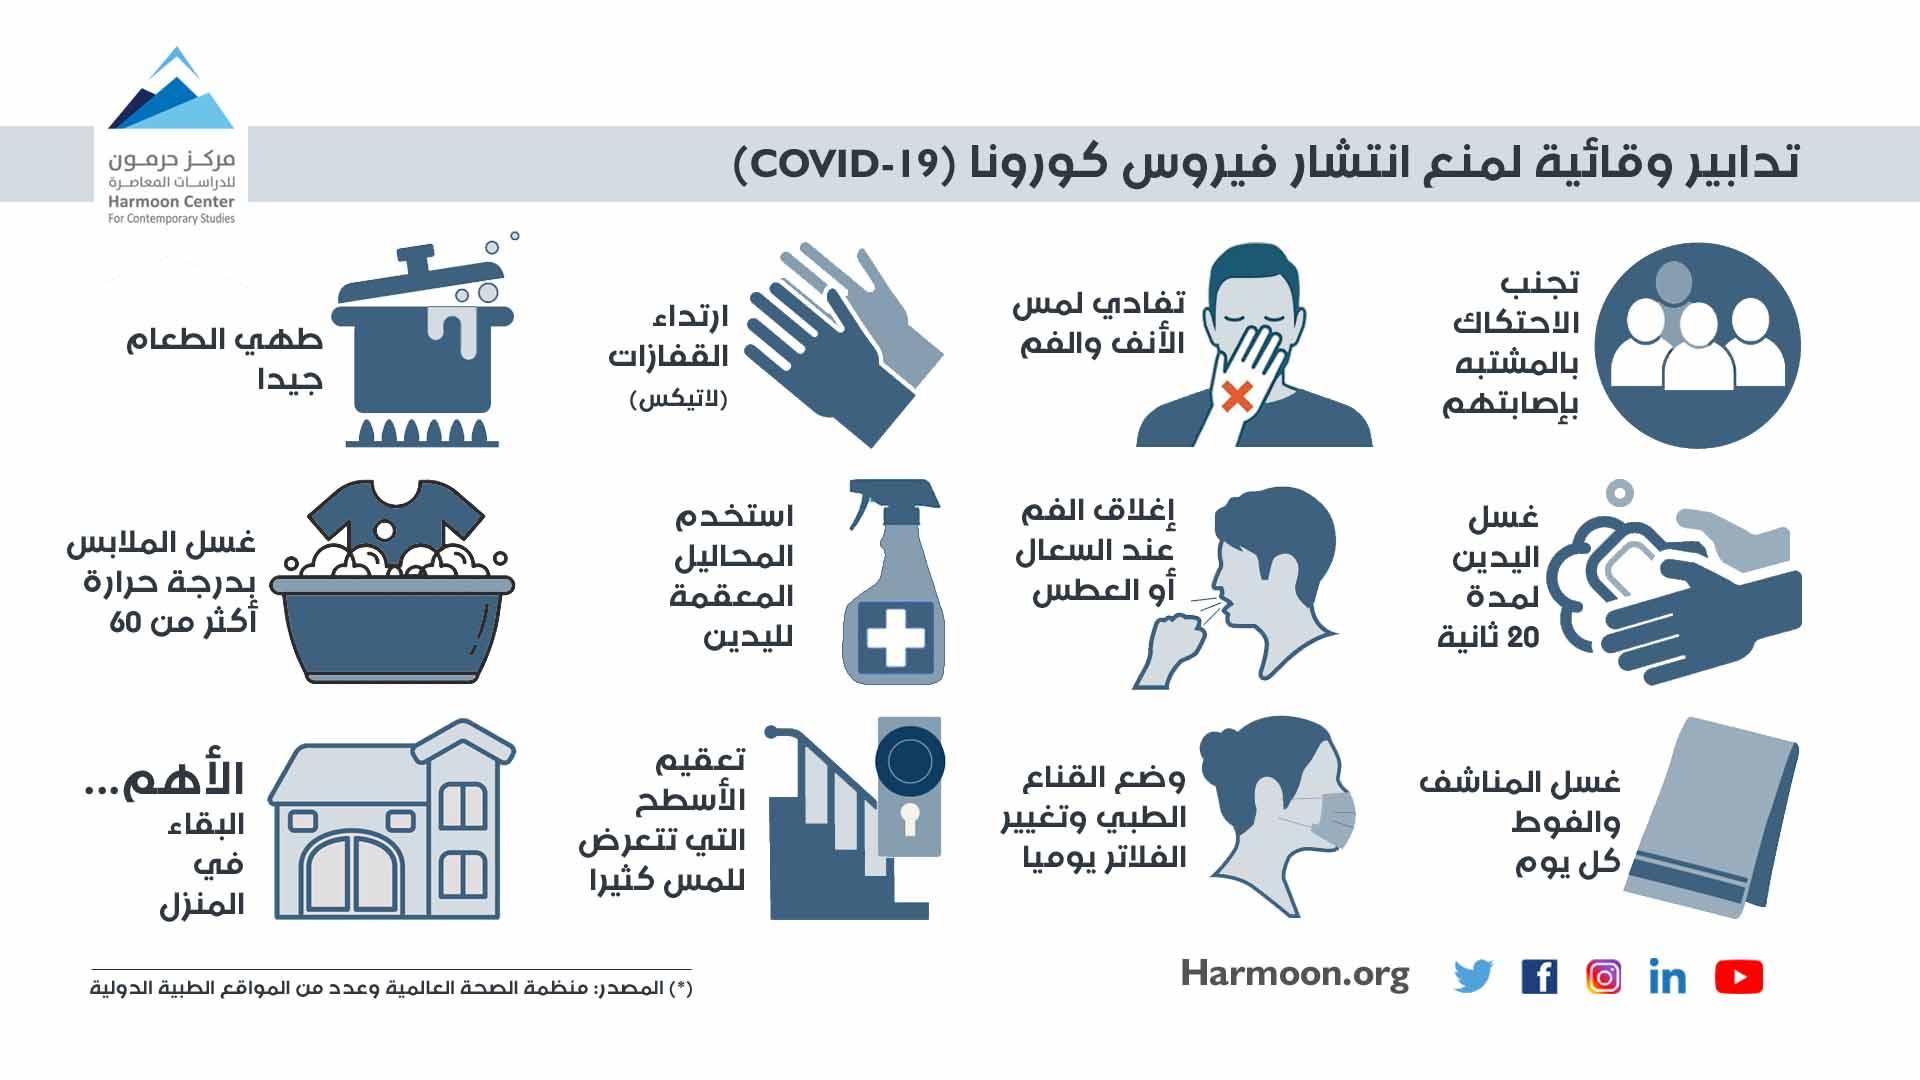 تدابير وقائية لمنع انتشار فيروس كورونا (COVID 19)